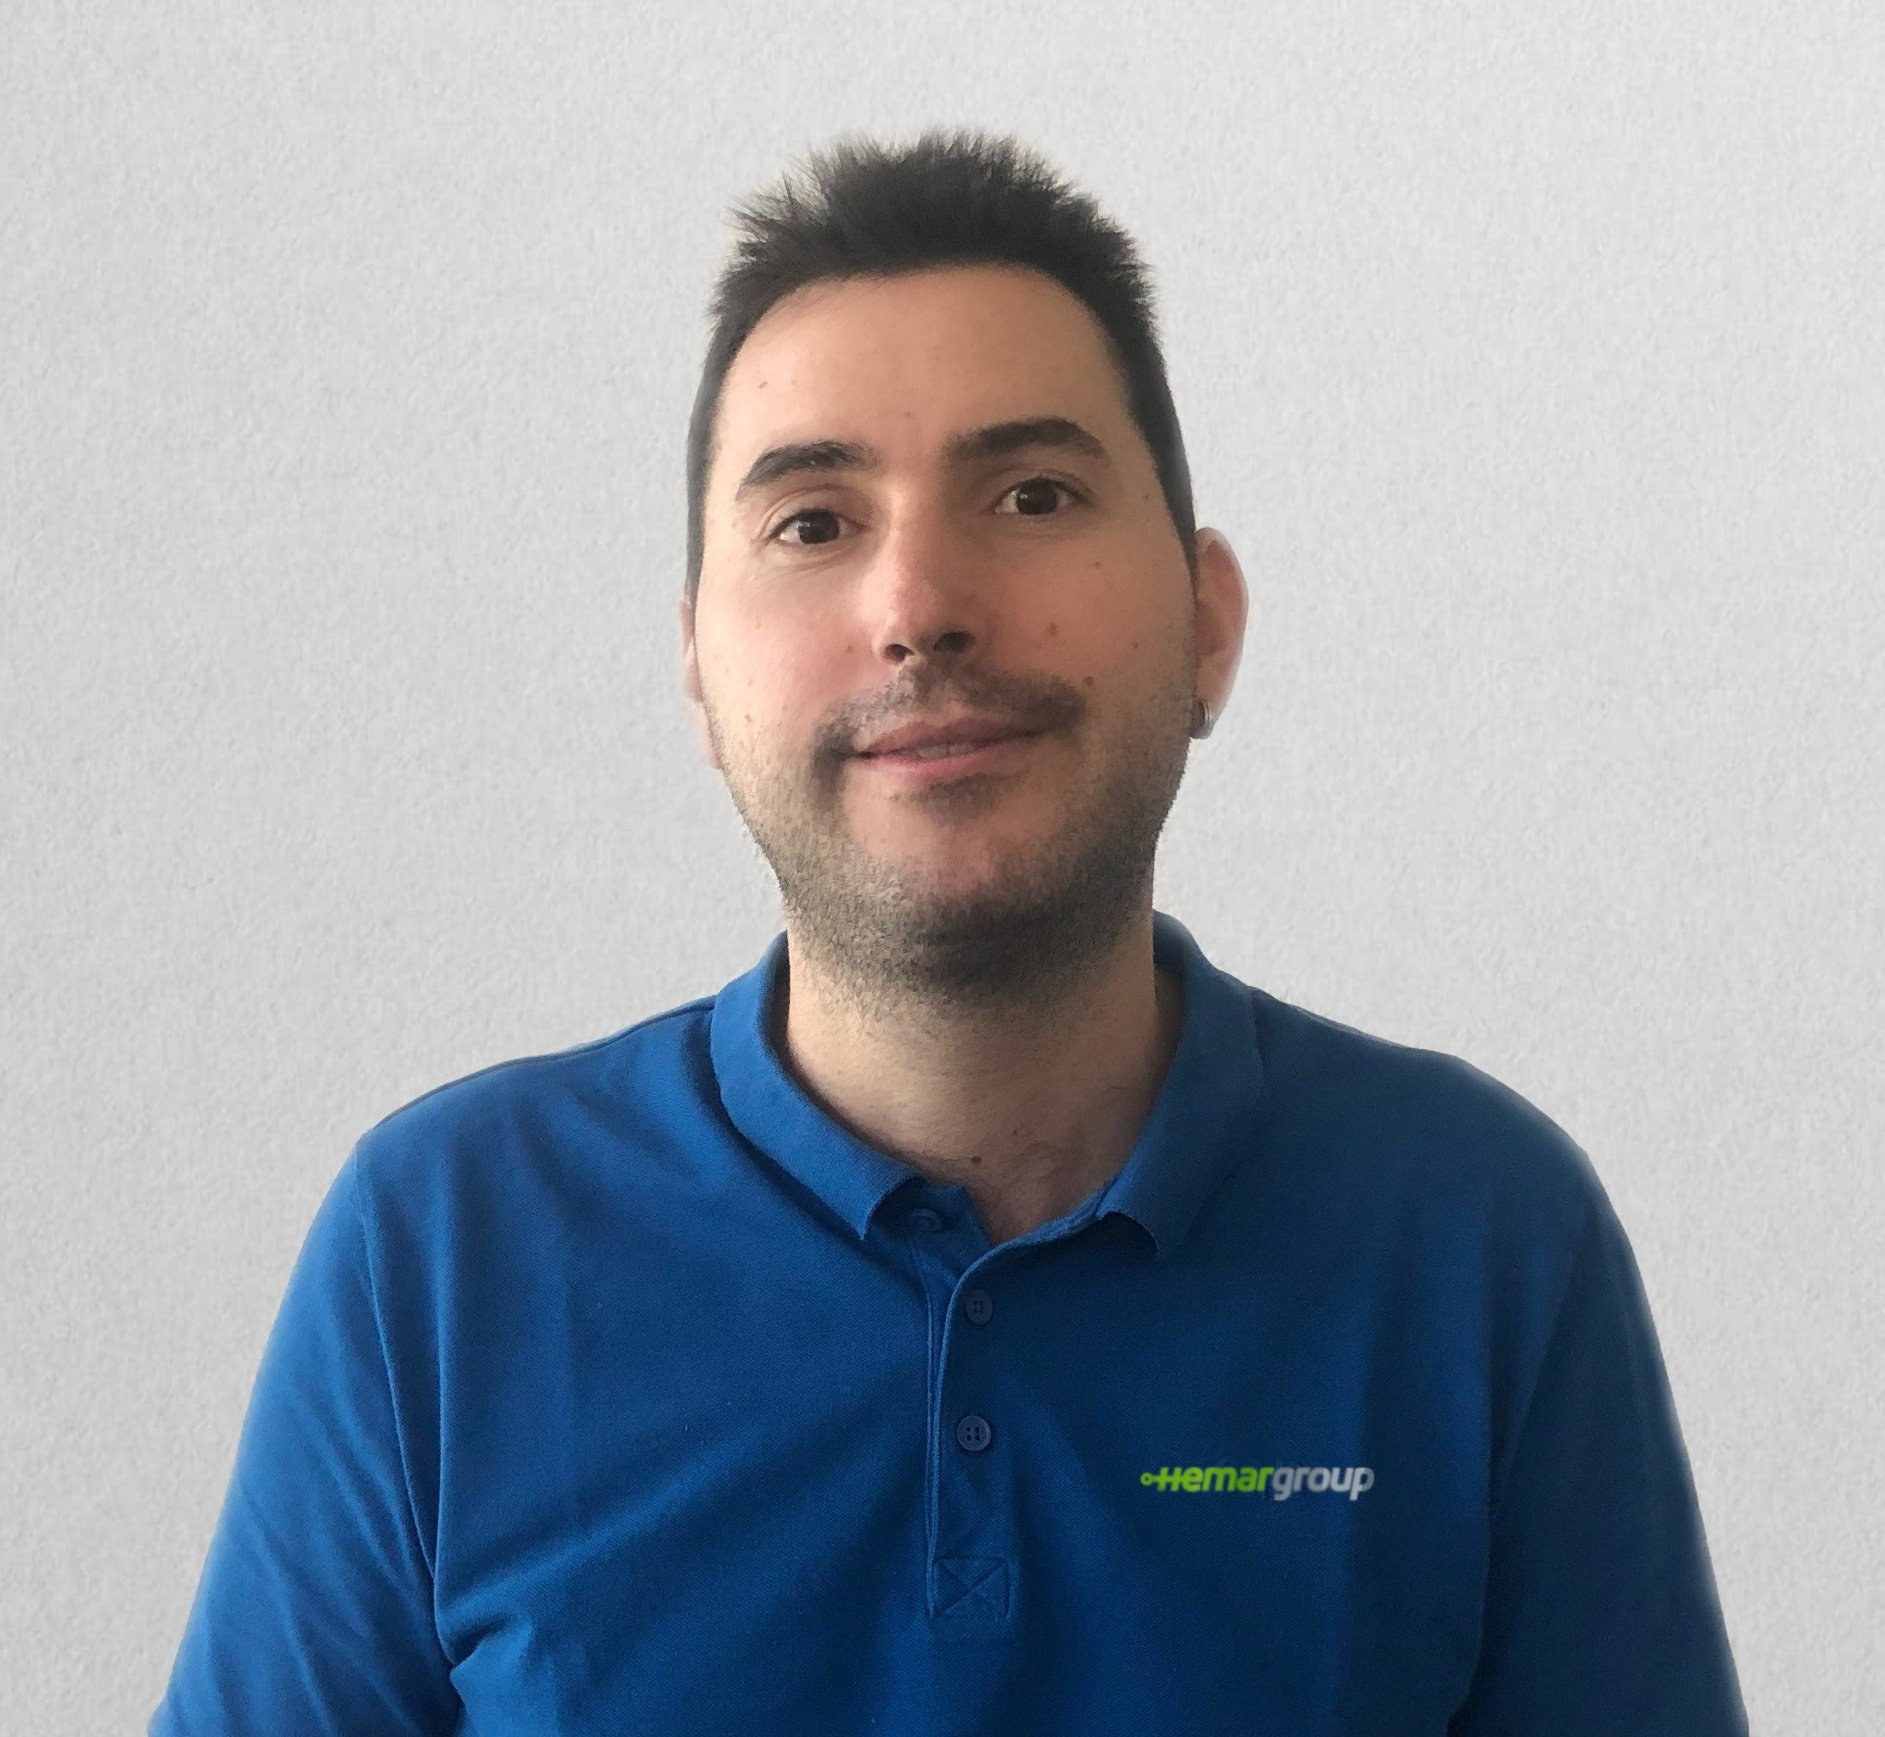 Luca Riva Hemargroup